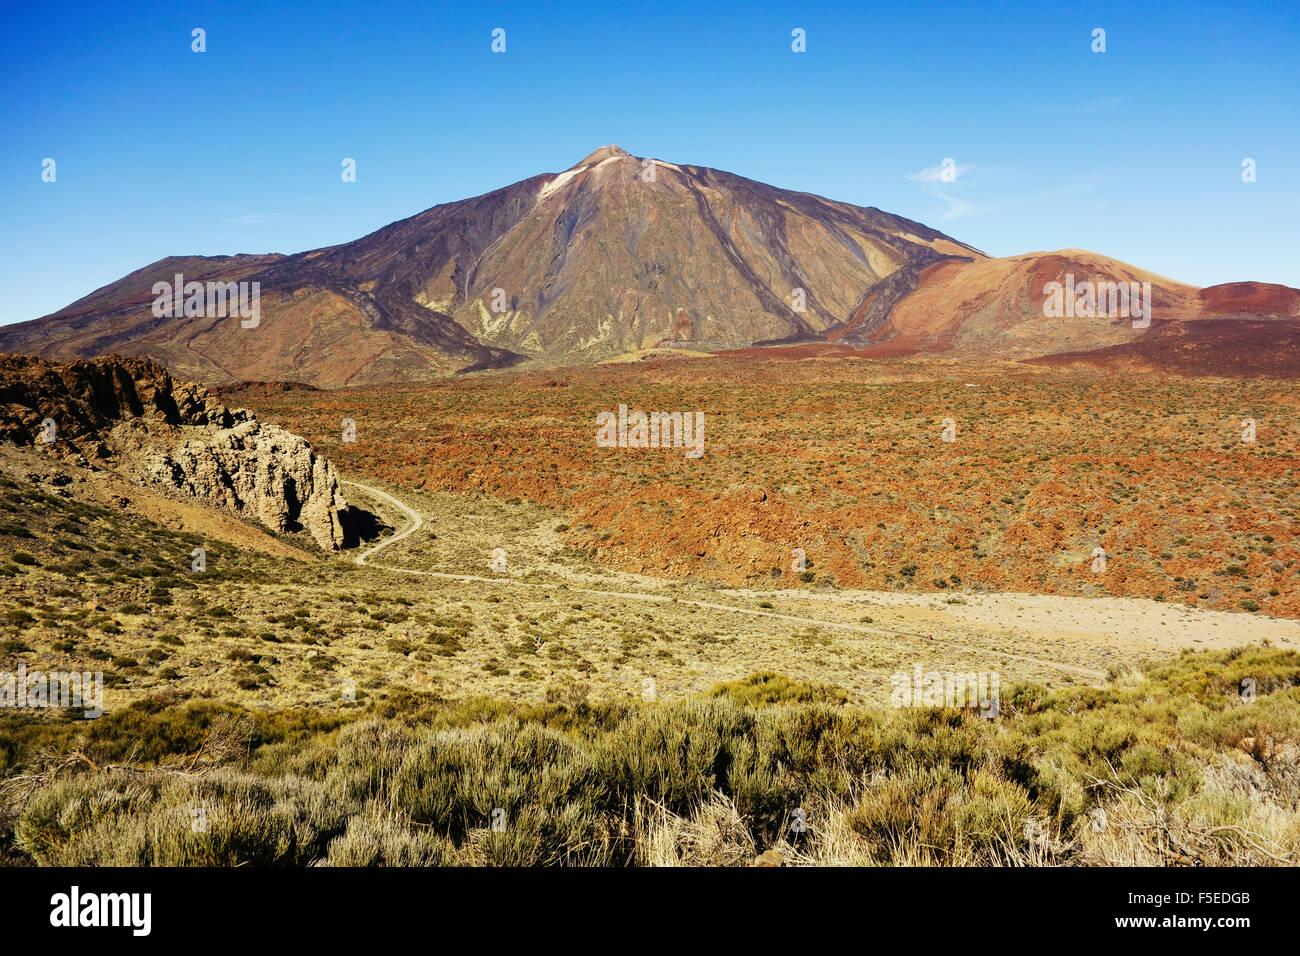 Pico del Teide, Parque Nacional del Teide, UNESCO-Weltkulturerbe, Teneriffa, Kanarische Inseln, Spanien, Europa Stockfoto